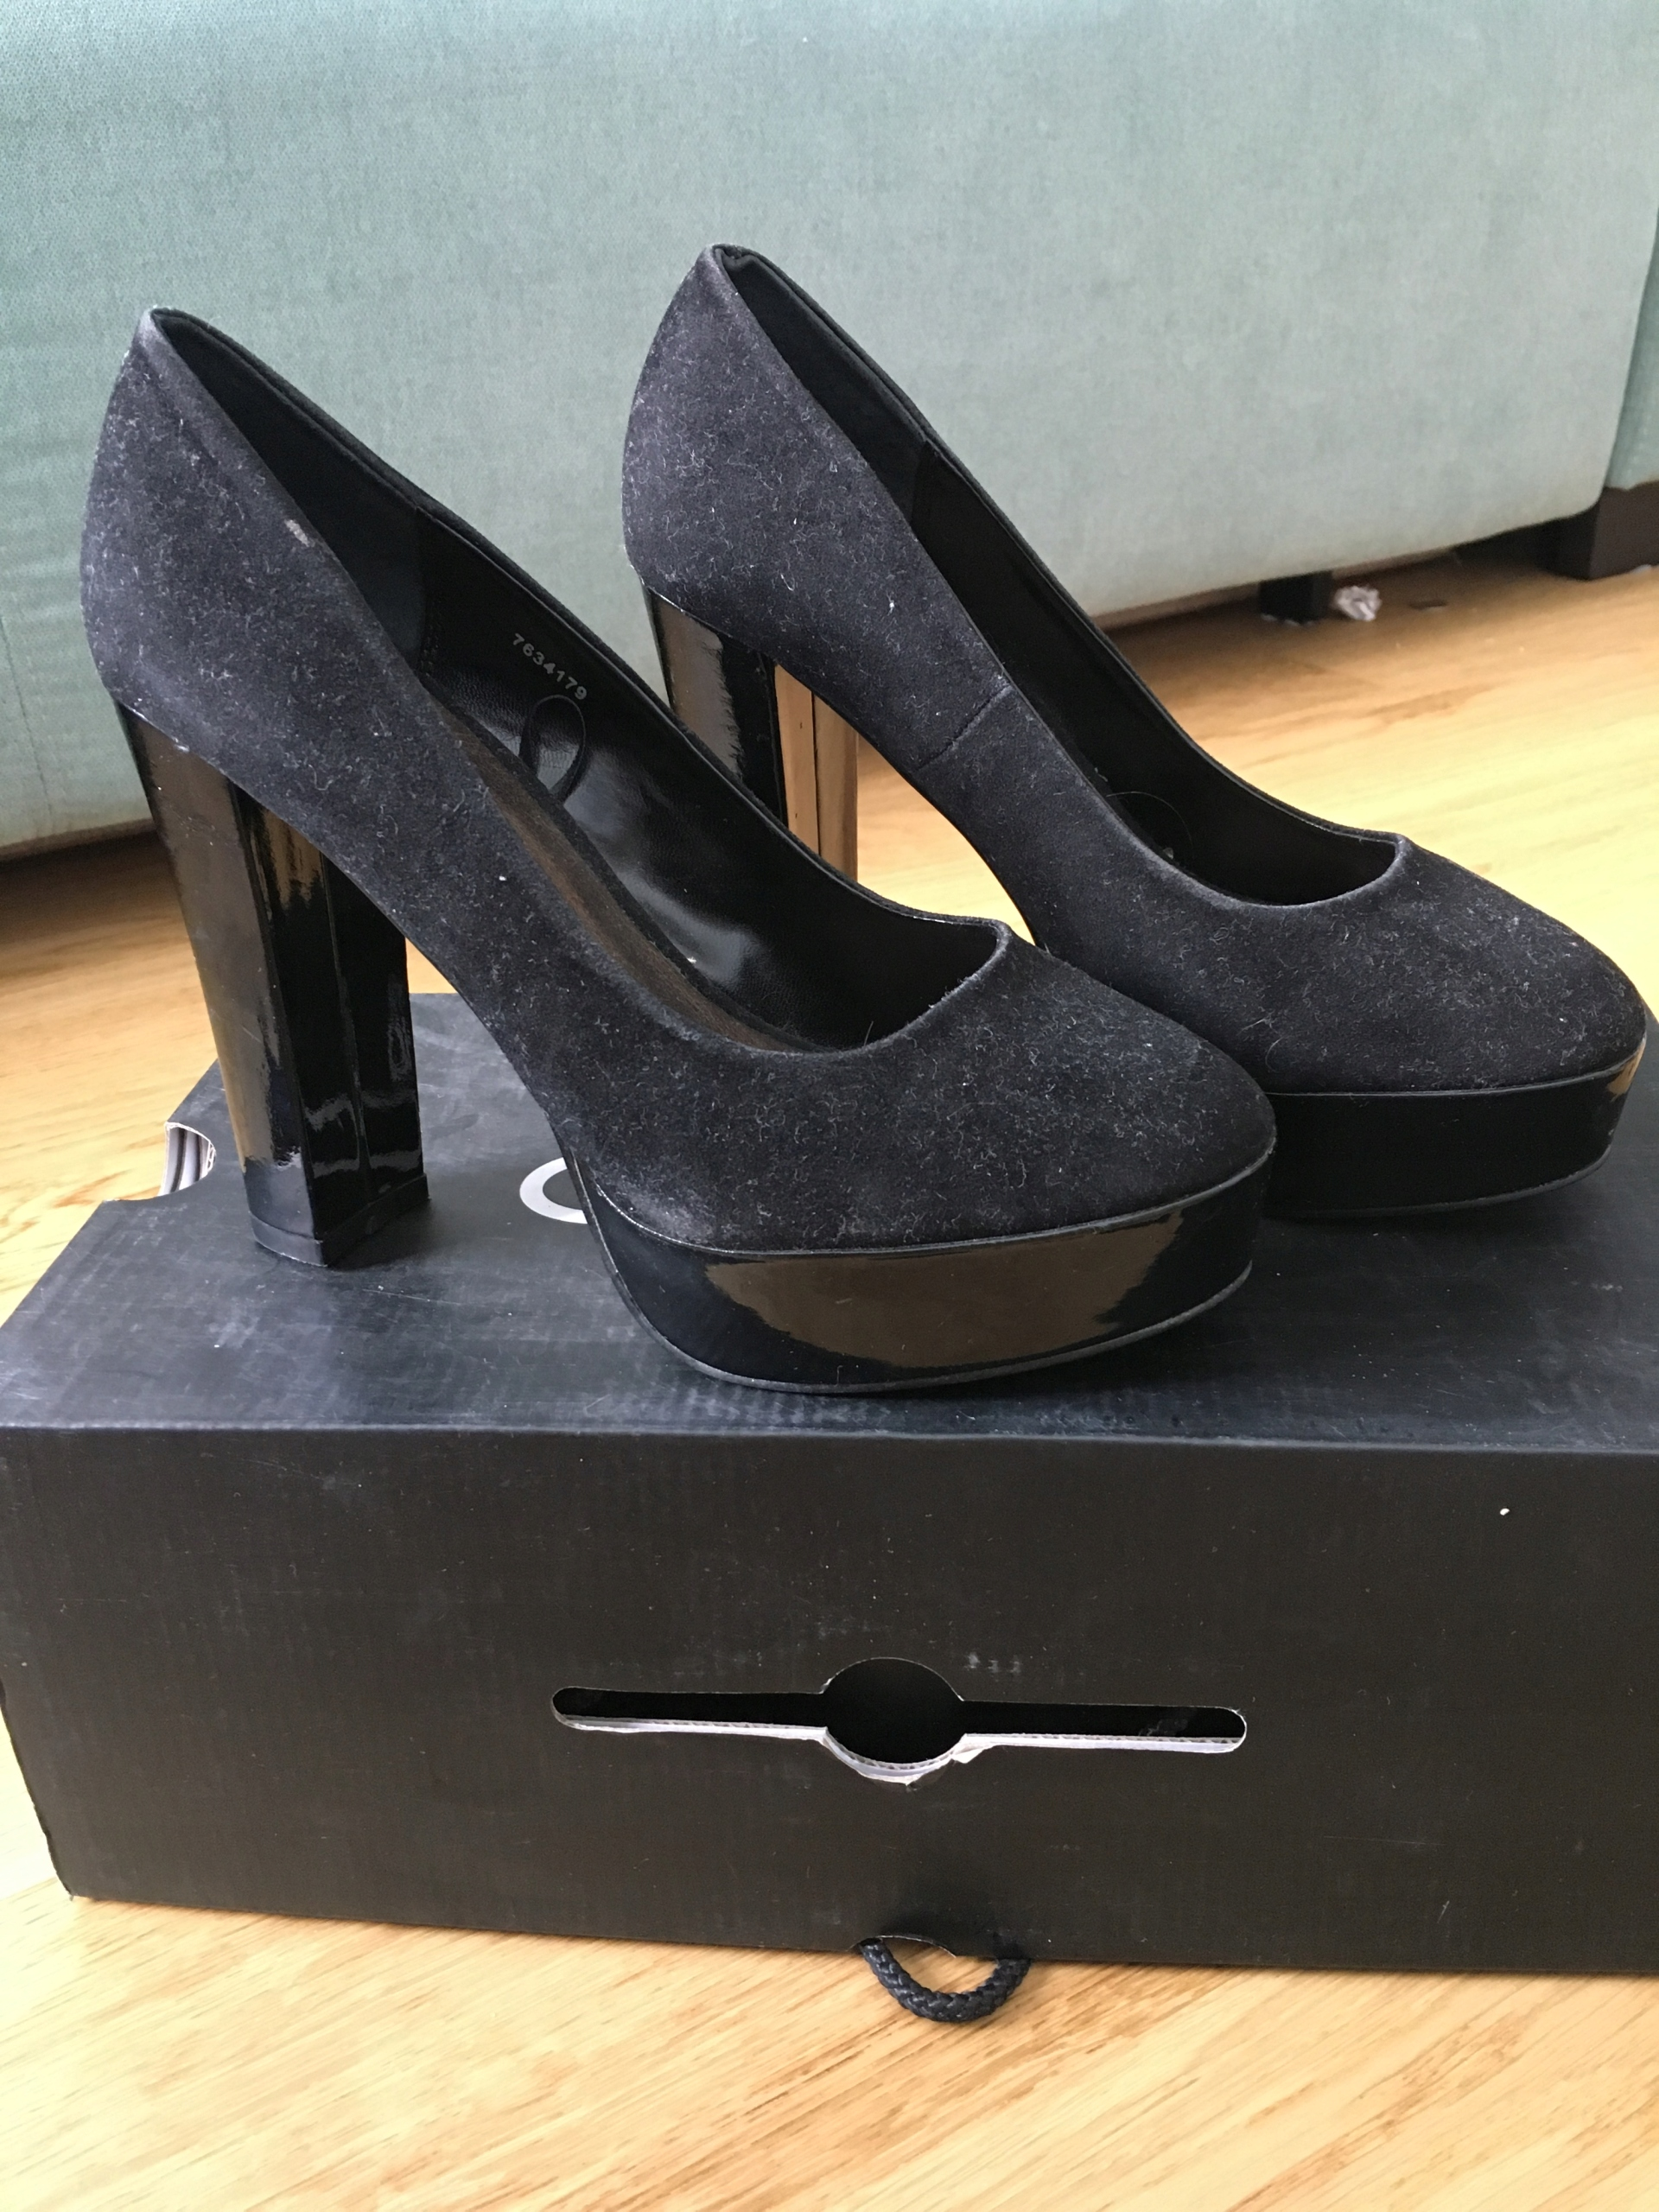 Atmosphere buty damskie szpilki wysokie na SŁUPKU